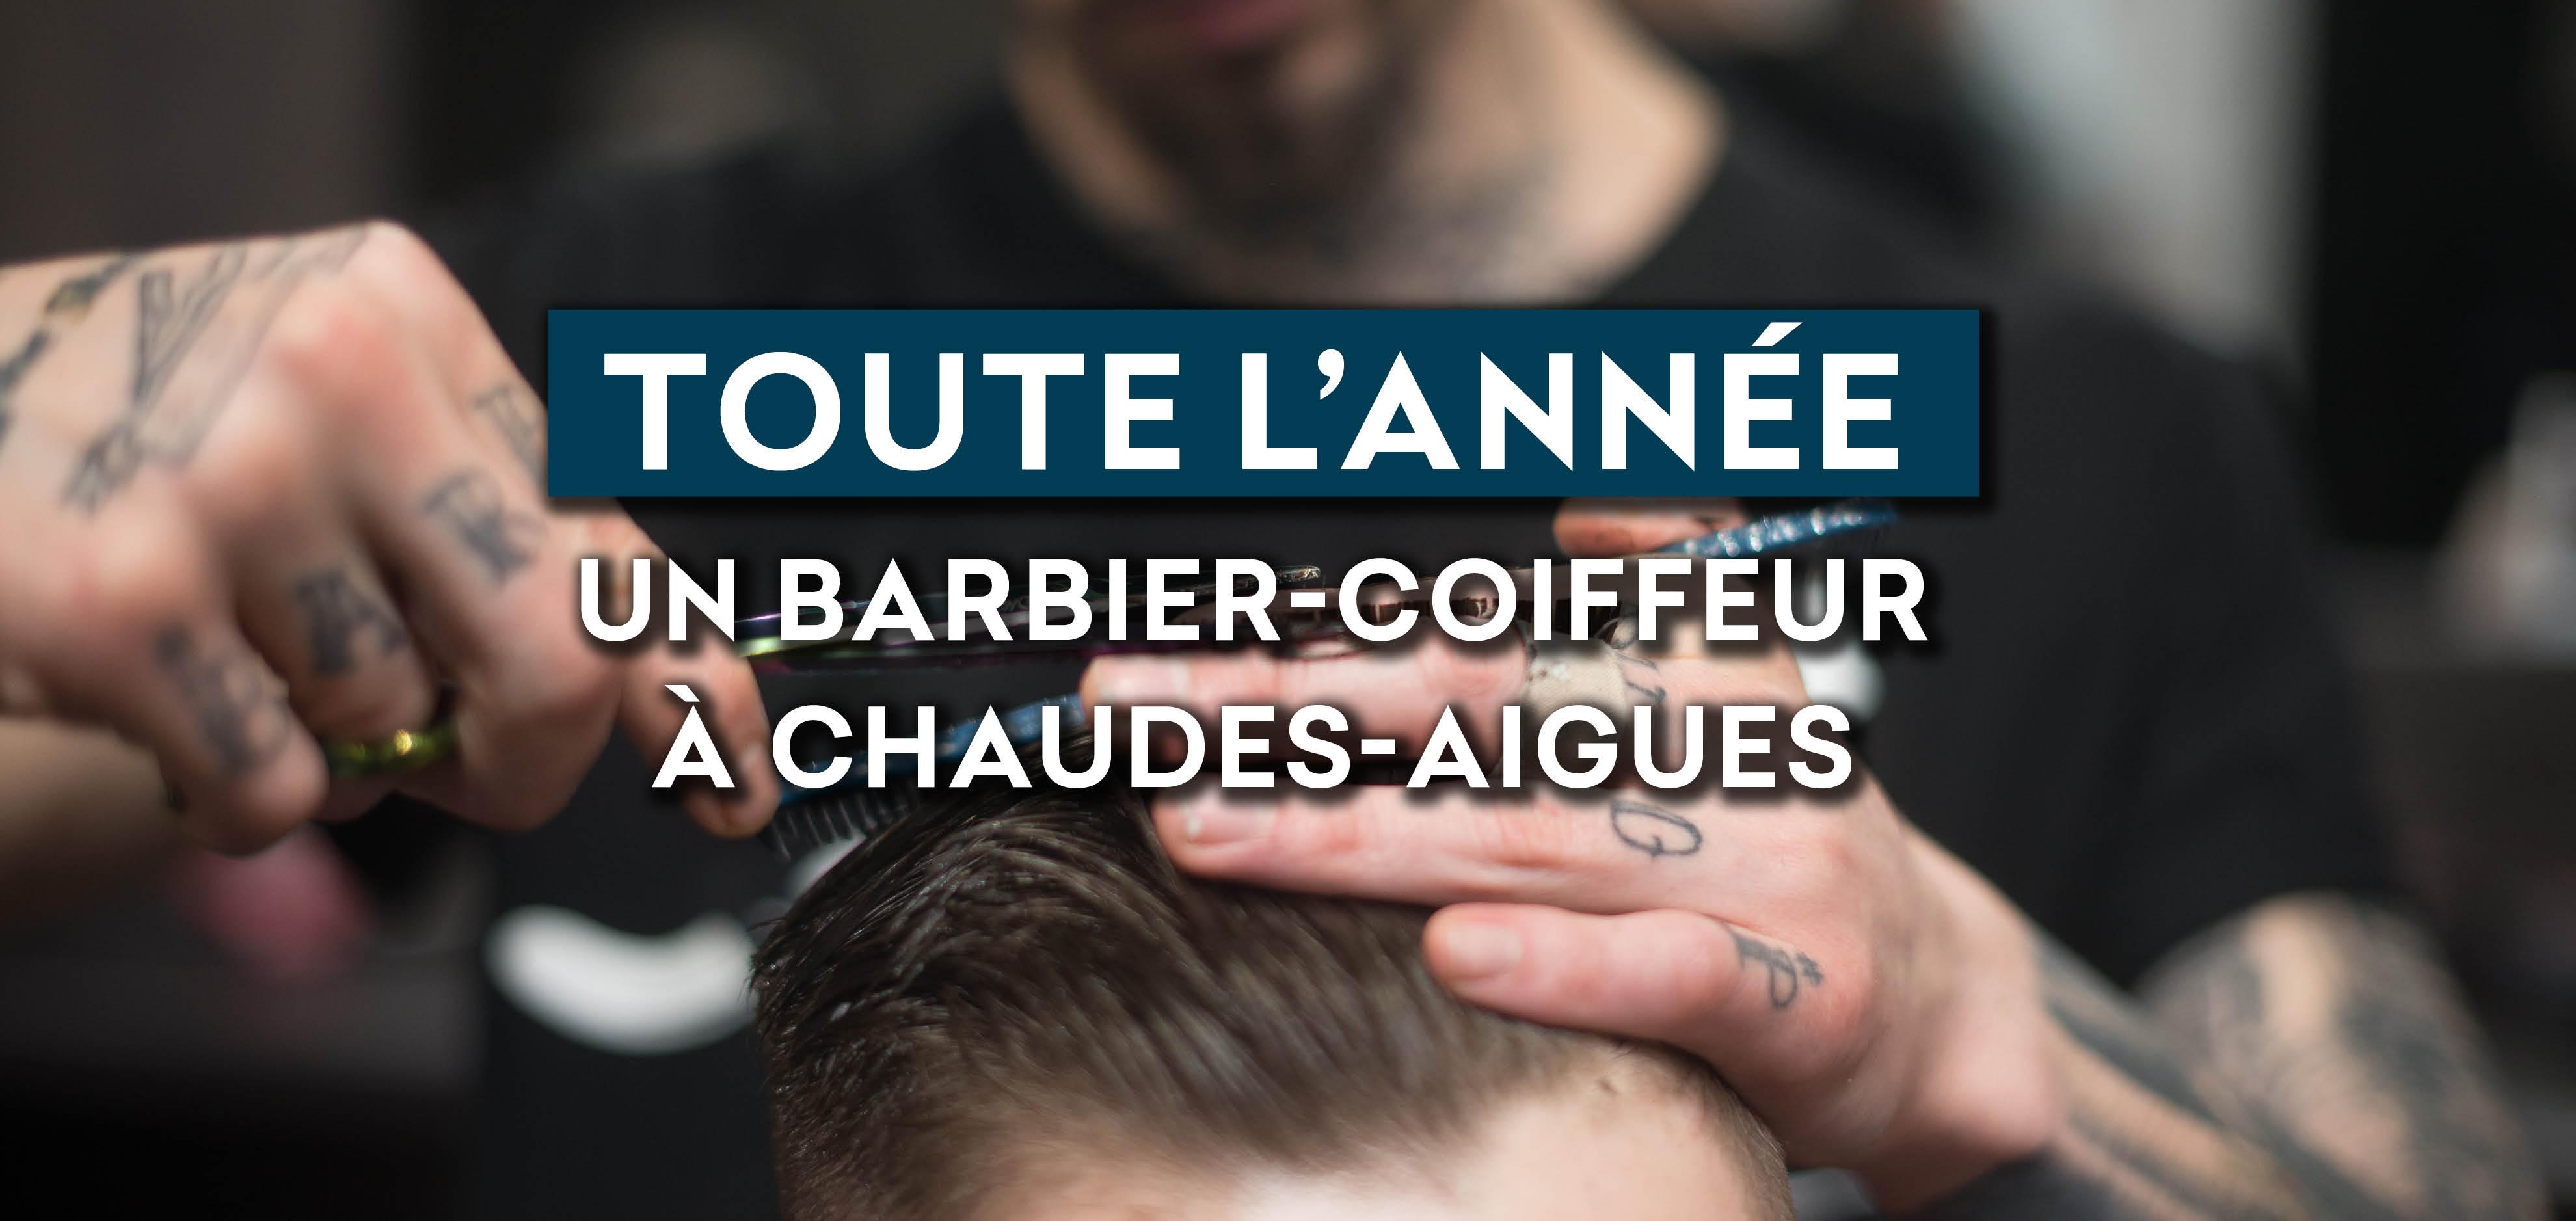 barbier-coiffeur-chaudes-aigues-cantal